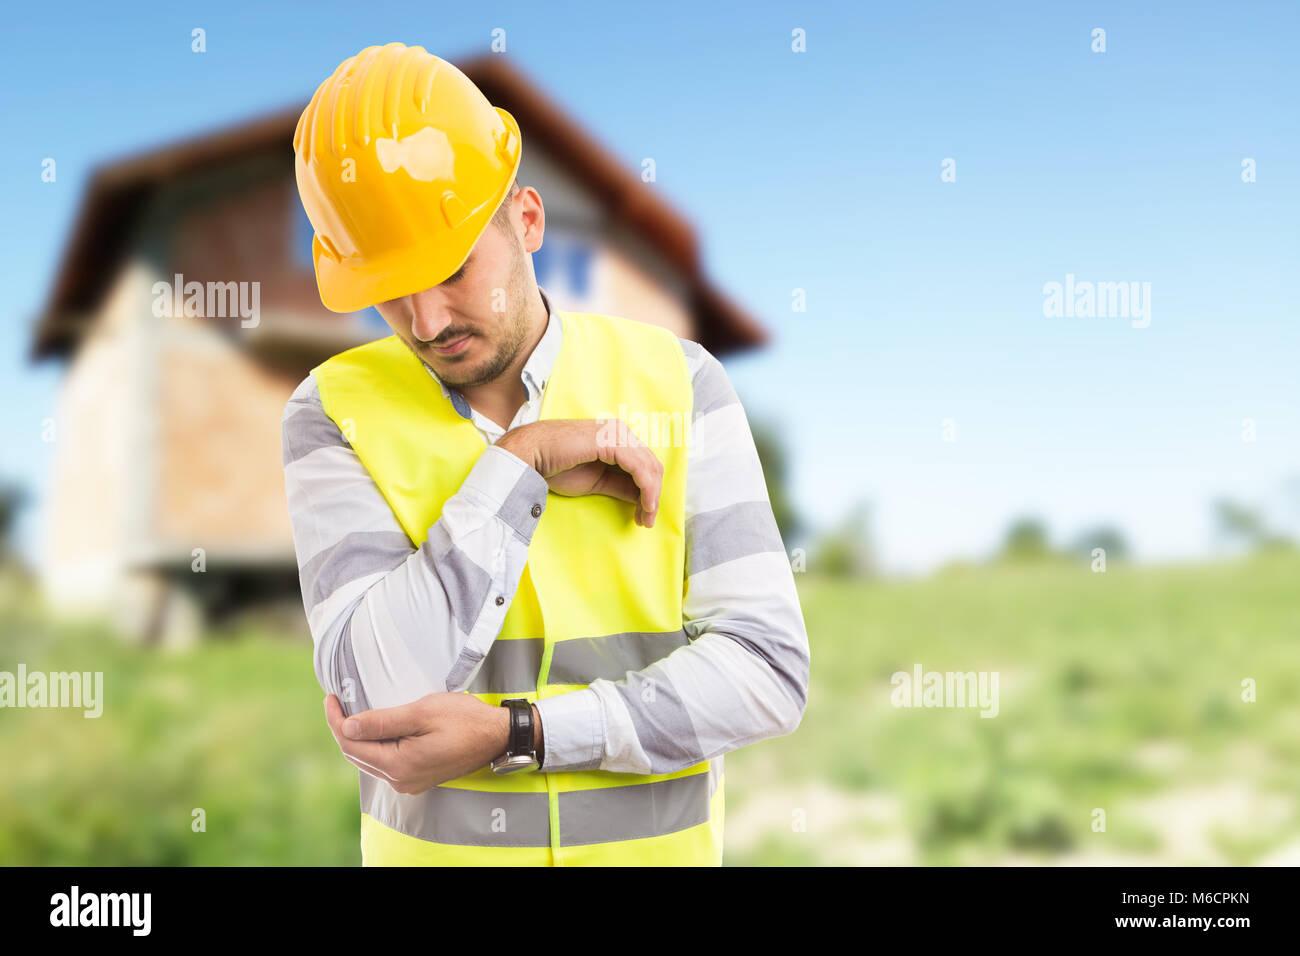 Arbeitsunfälle und schmerzhaften Winkelstück Konzept mit Builder auf im Hintergrund mit neuen im Bau Haus Stockbild